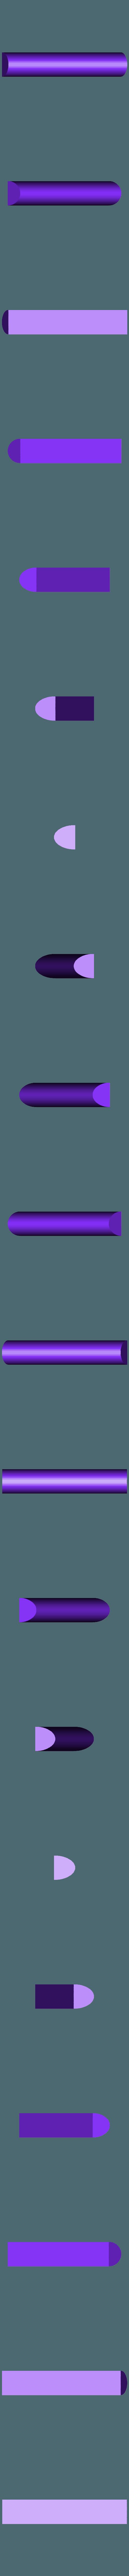 Pin.STL Télécharger fichier STL gratuit Échiquier vertical, alias l'Échiquier à l'épreuve des chats • Design à imprimer en 3D, SSilver